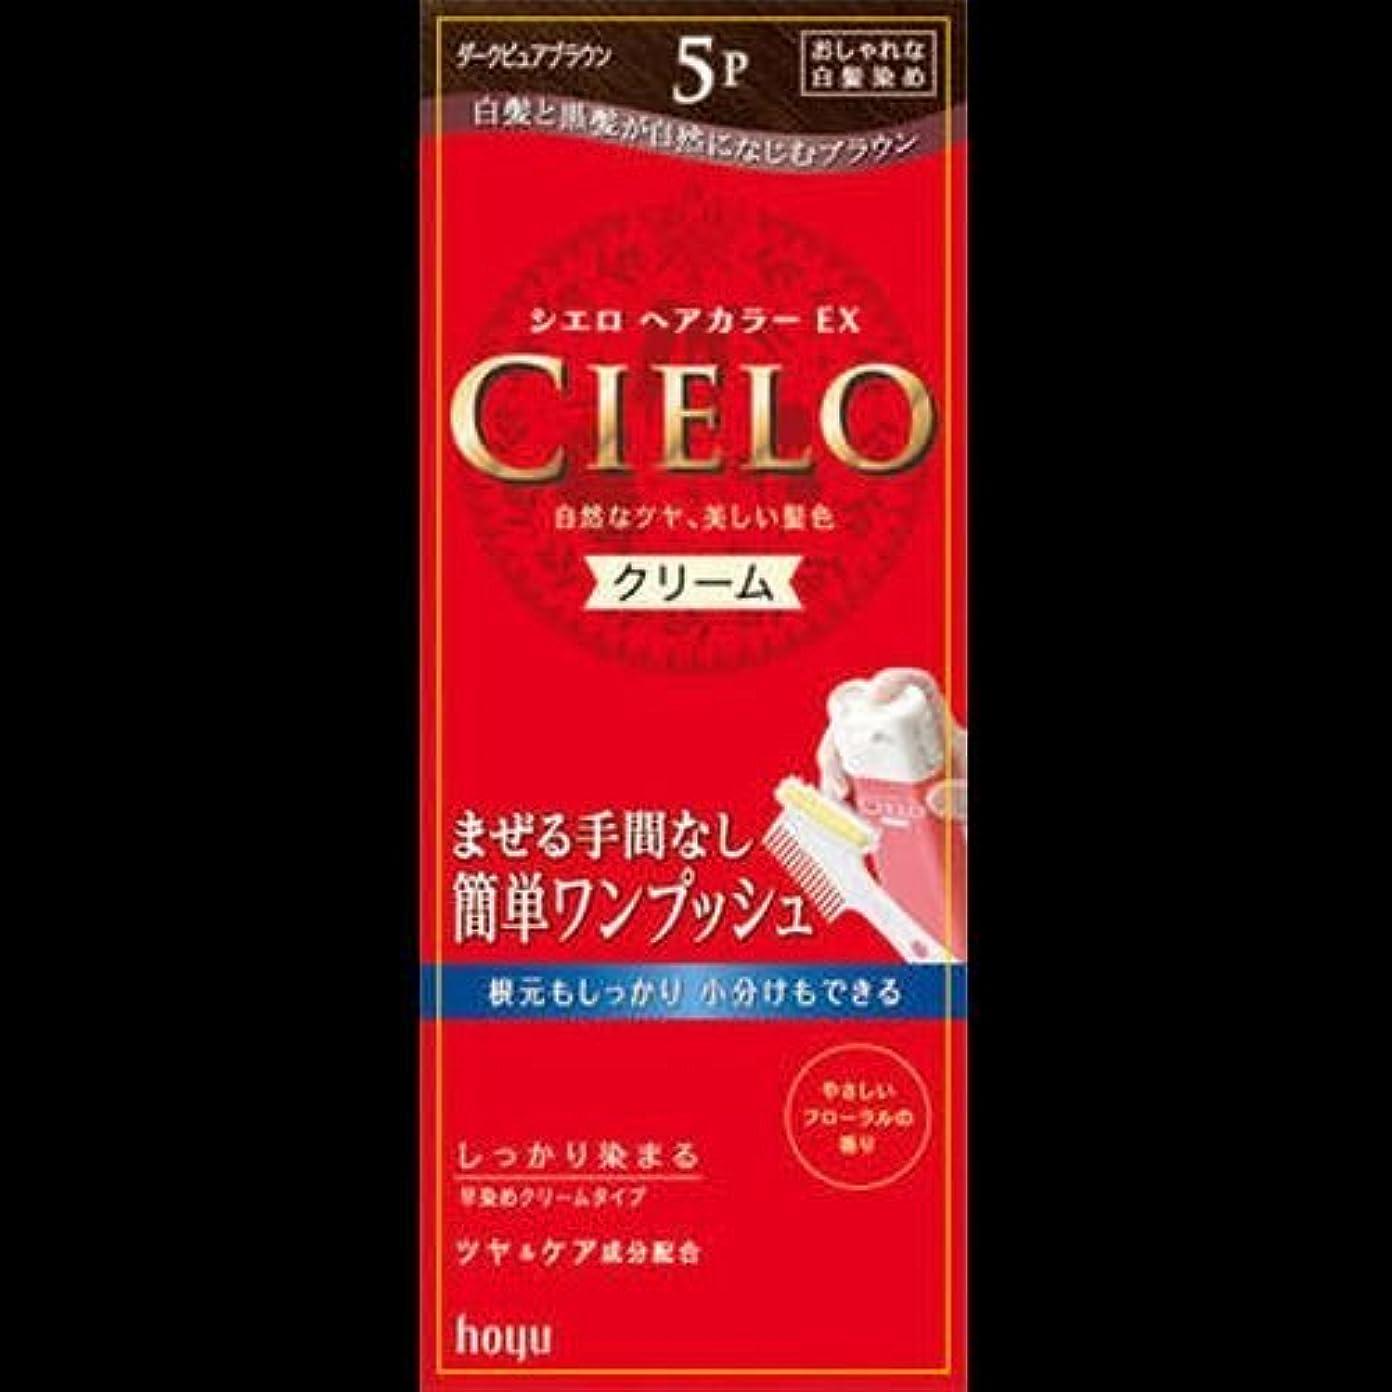 ベール若者変換するシエロ ヘアカラーEXクリーム 5P + ダークピュアブラウン ×2セット